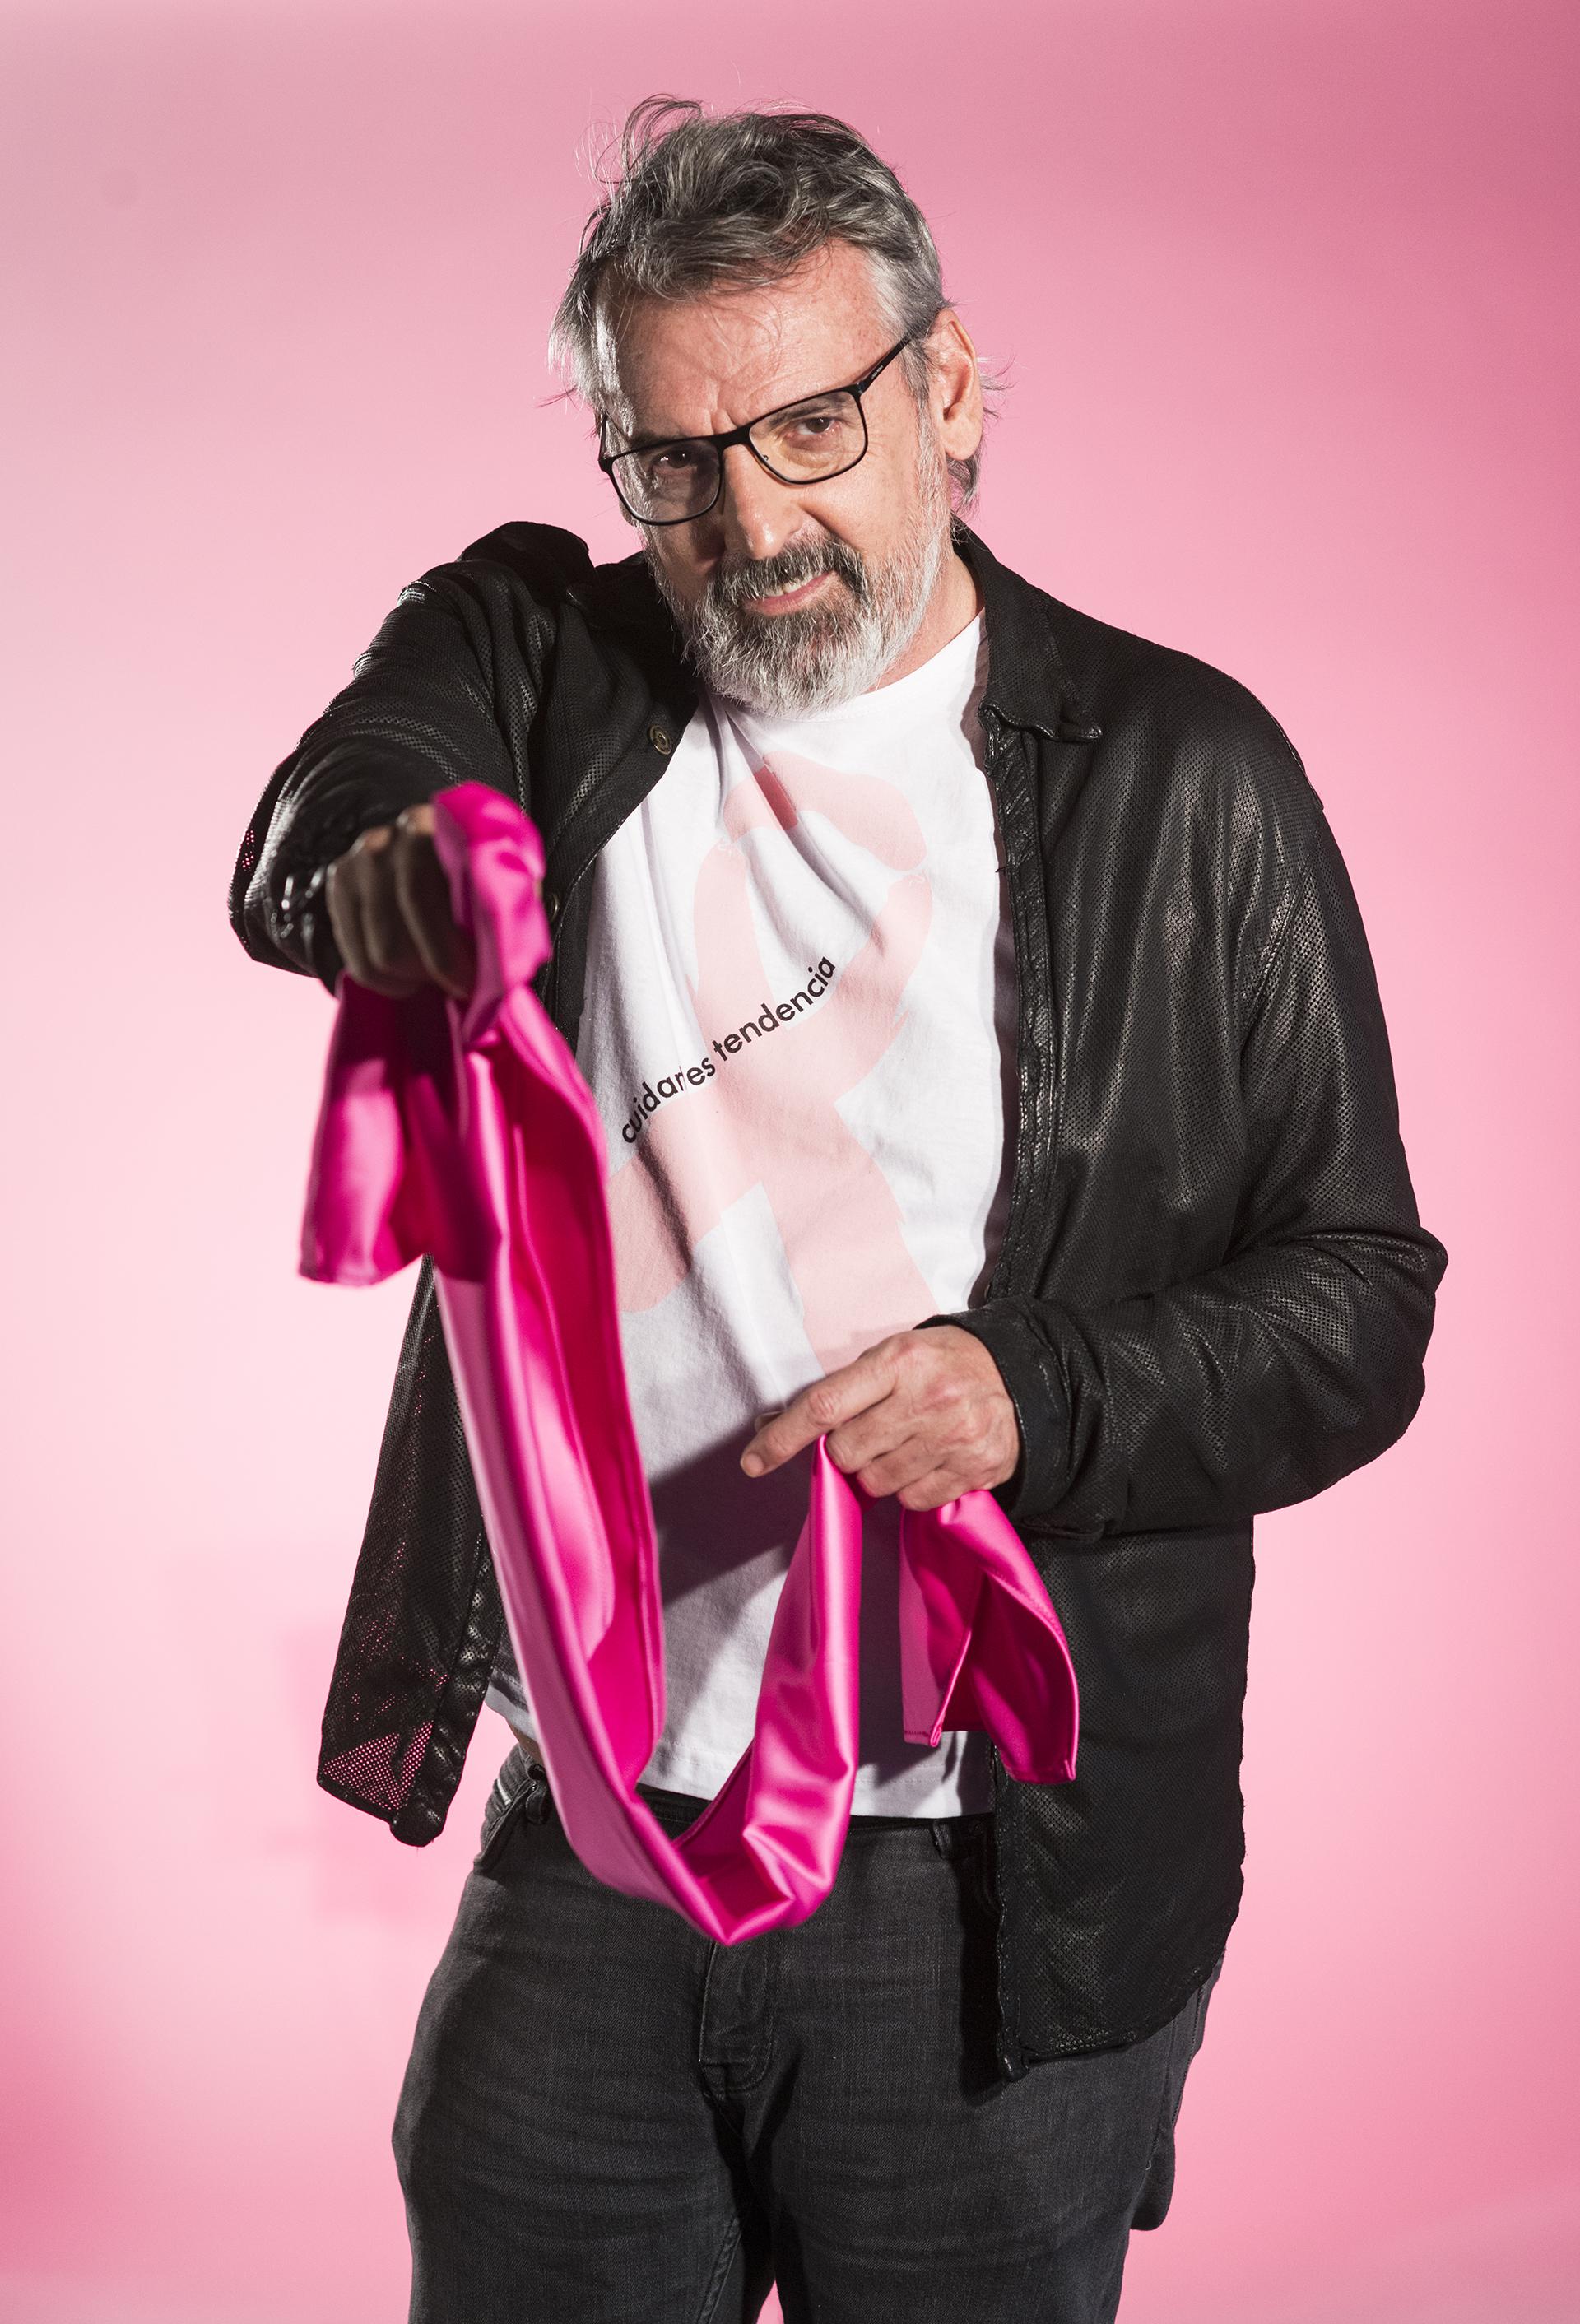 Benito Fernández diseñó de manera exclusiva pañuelos en rosa fucsia, la tonalidad que abraza esta enfermedad (Gustavo Saiegh)